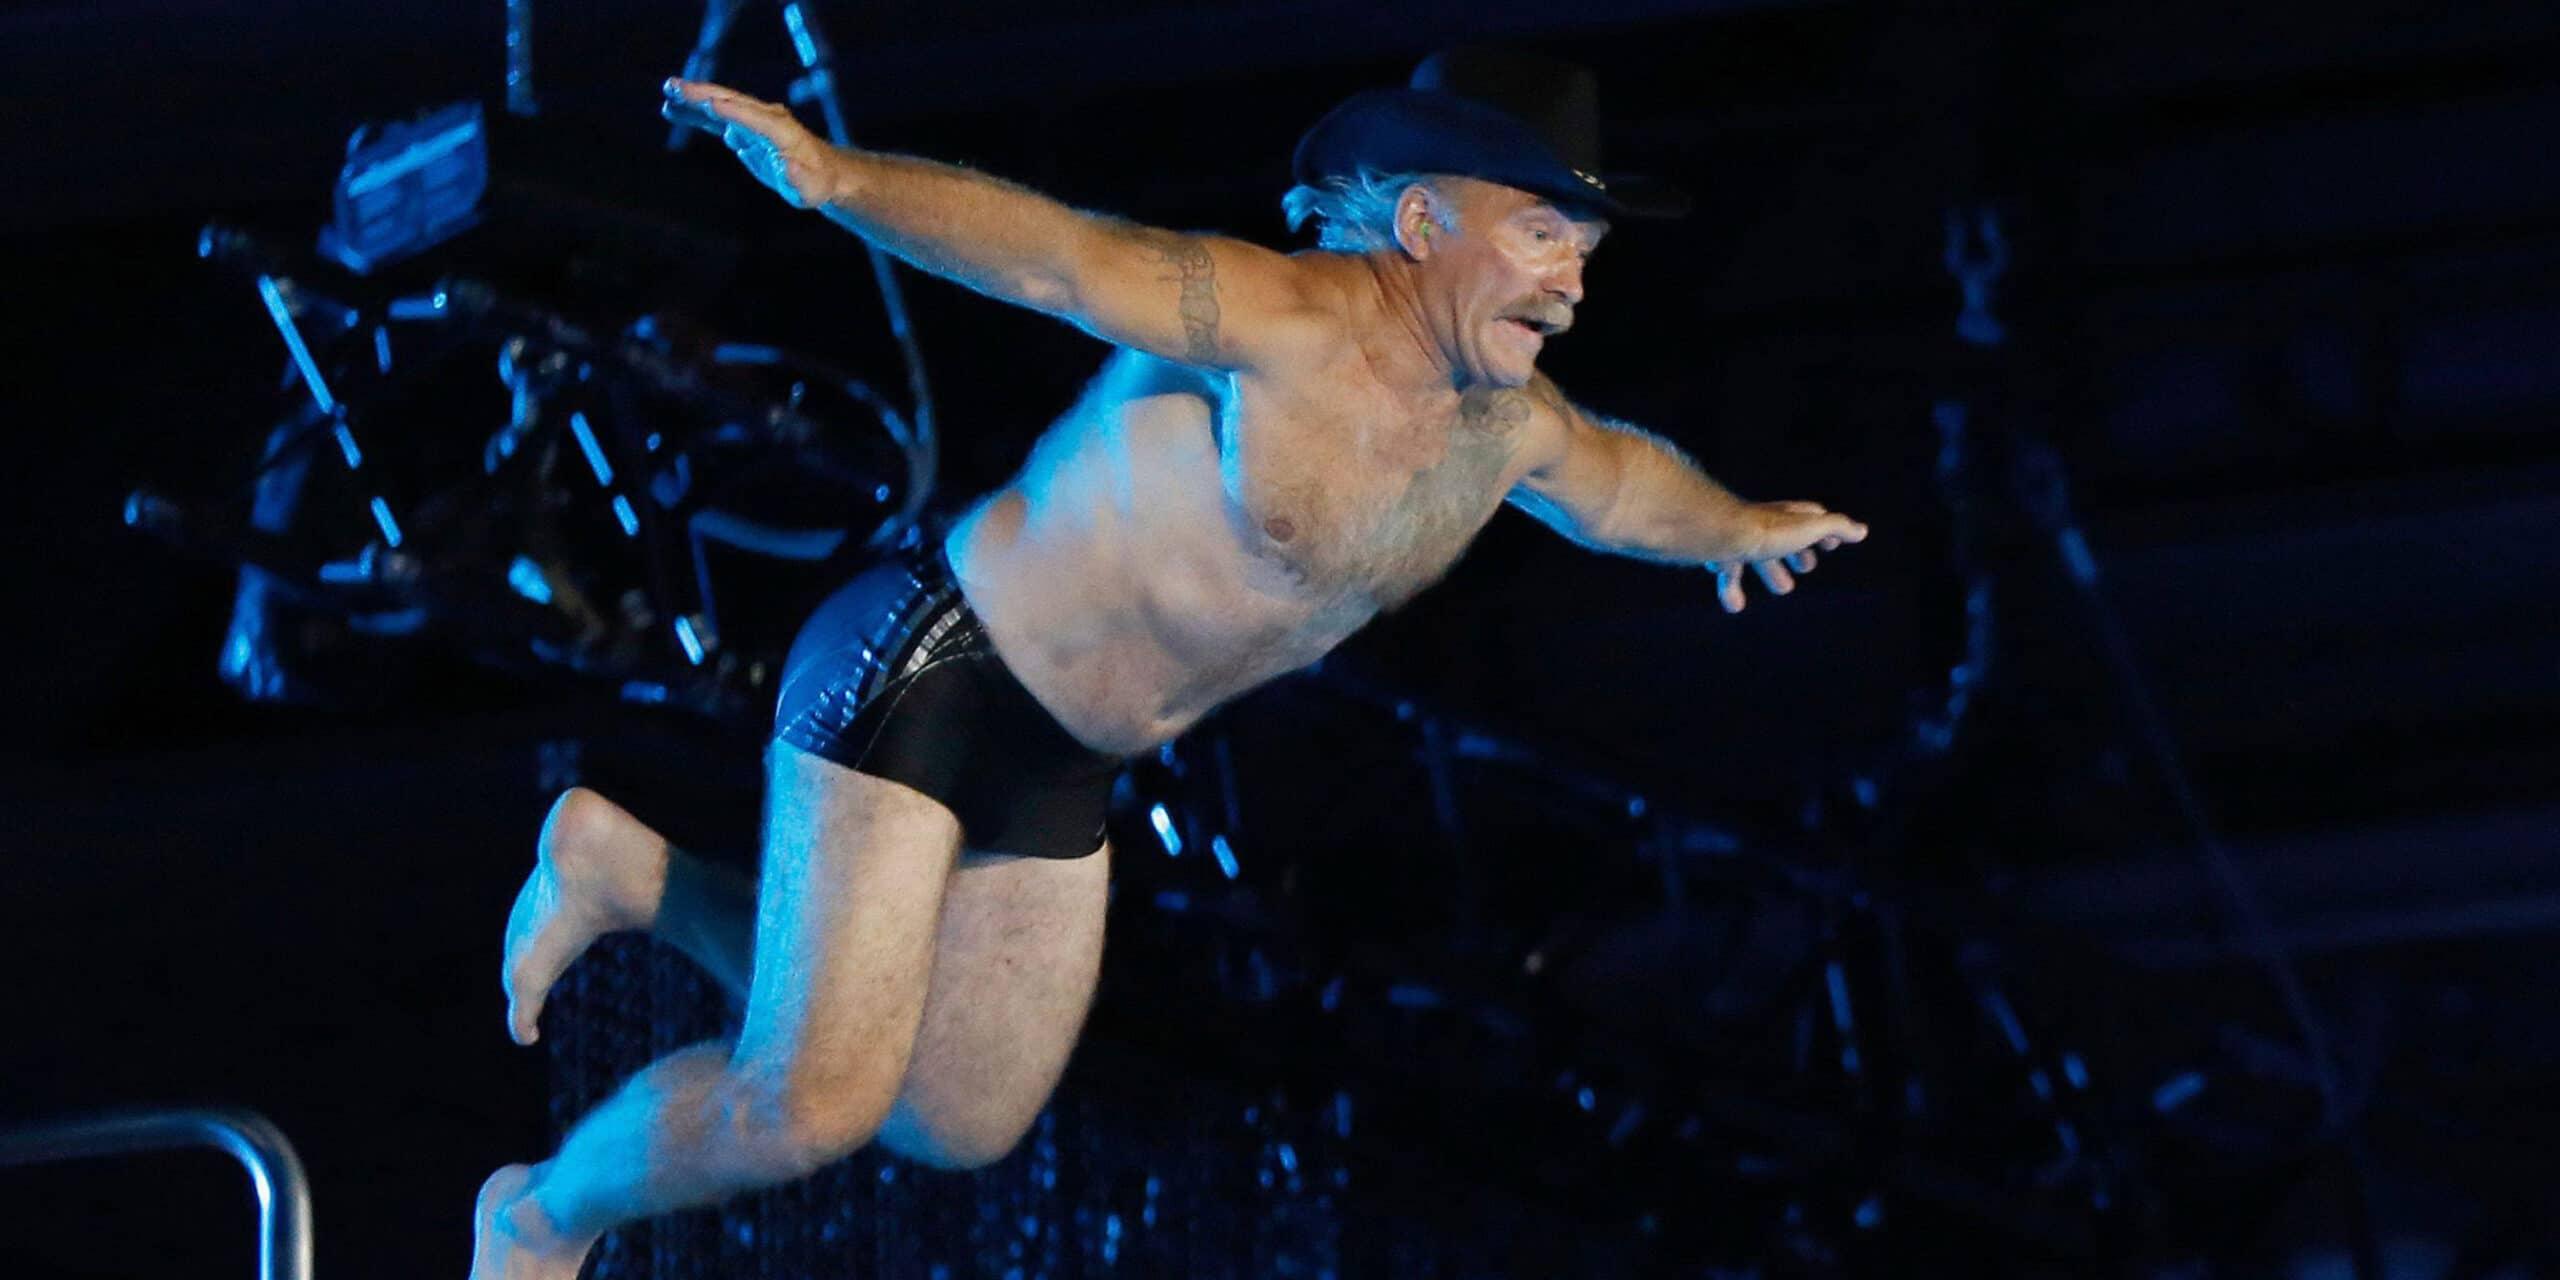 Konny Reimann tritt in der Disziplin Wasserspringen vom 10 Meter Turm an